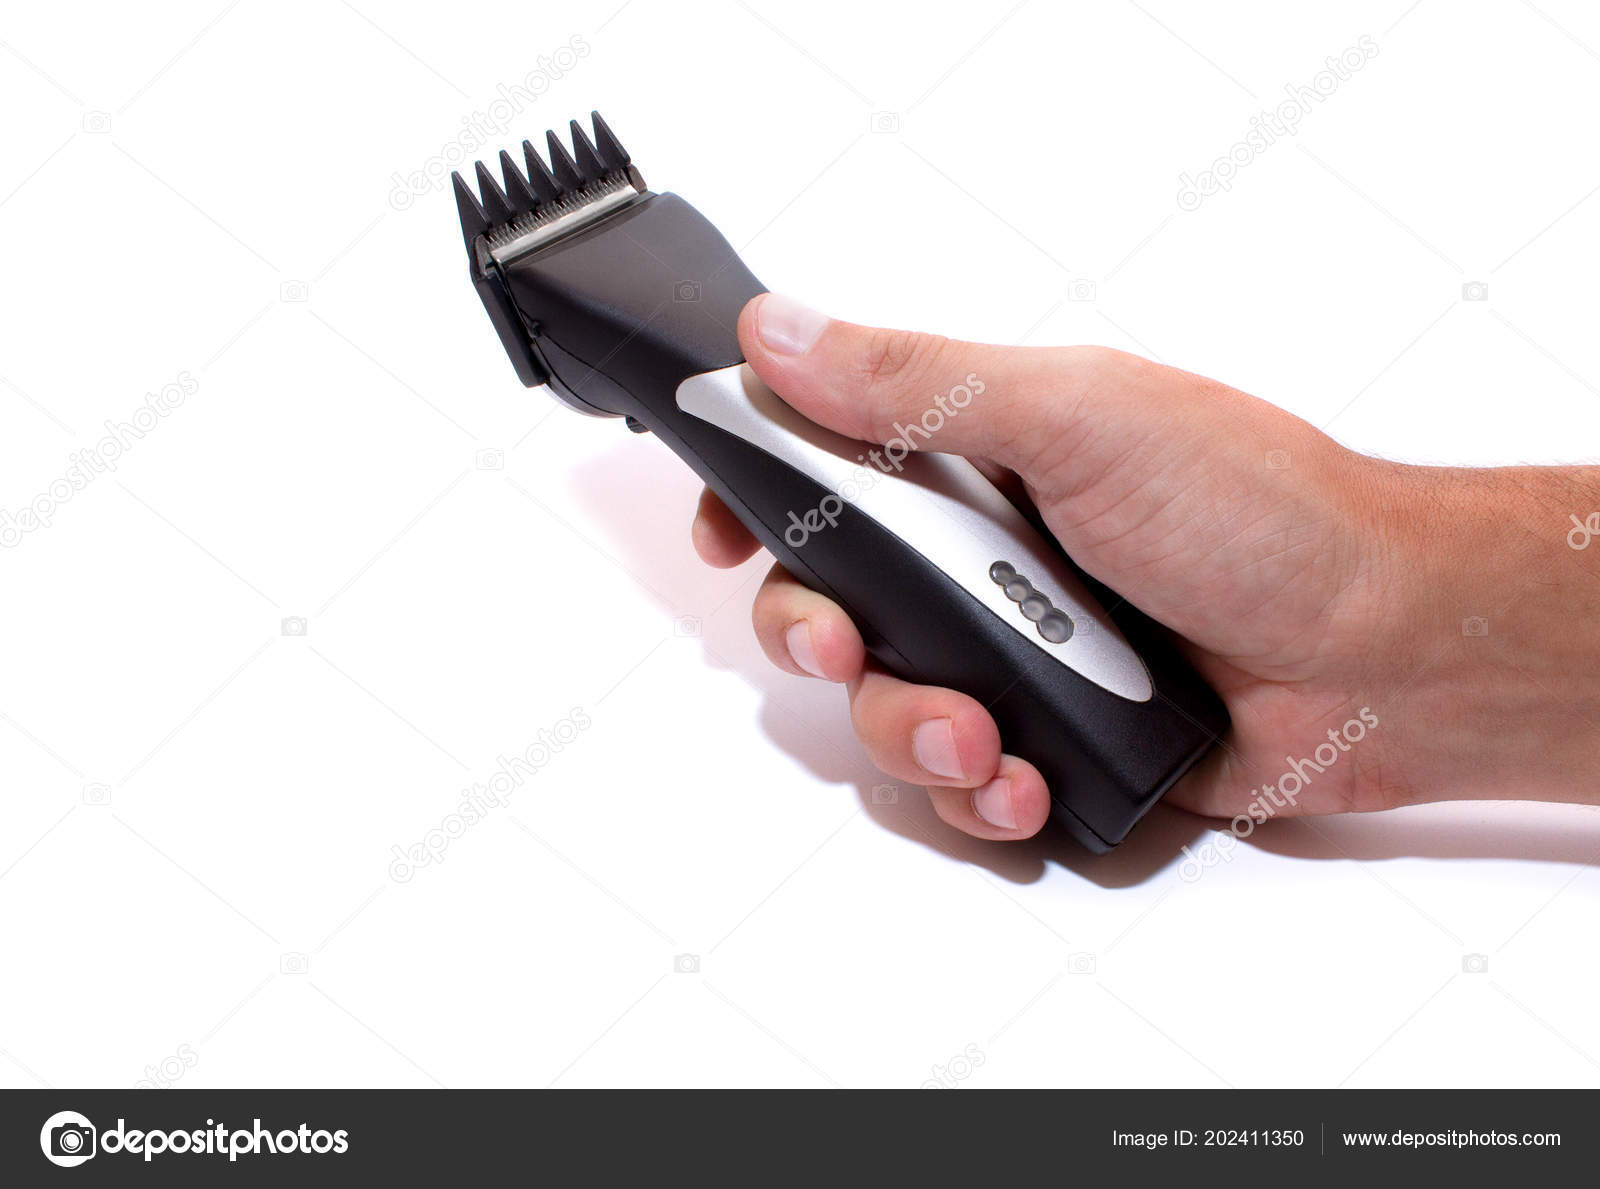 une machine coiffure salon coiffure tondeuse main isol sur fond photographie ekaplinskiy. Black Bedroom Furniture Sets. Home Design Ideas